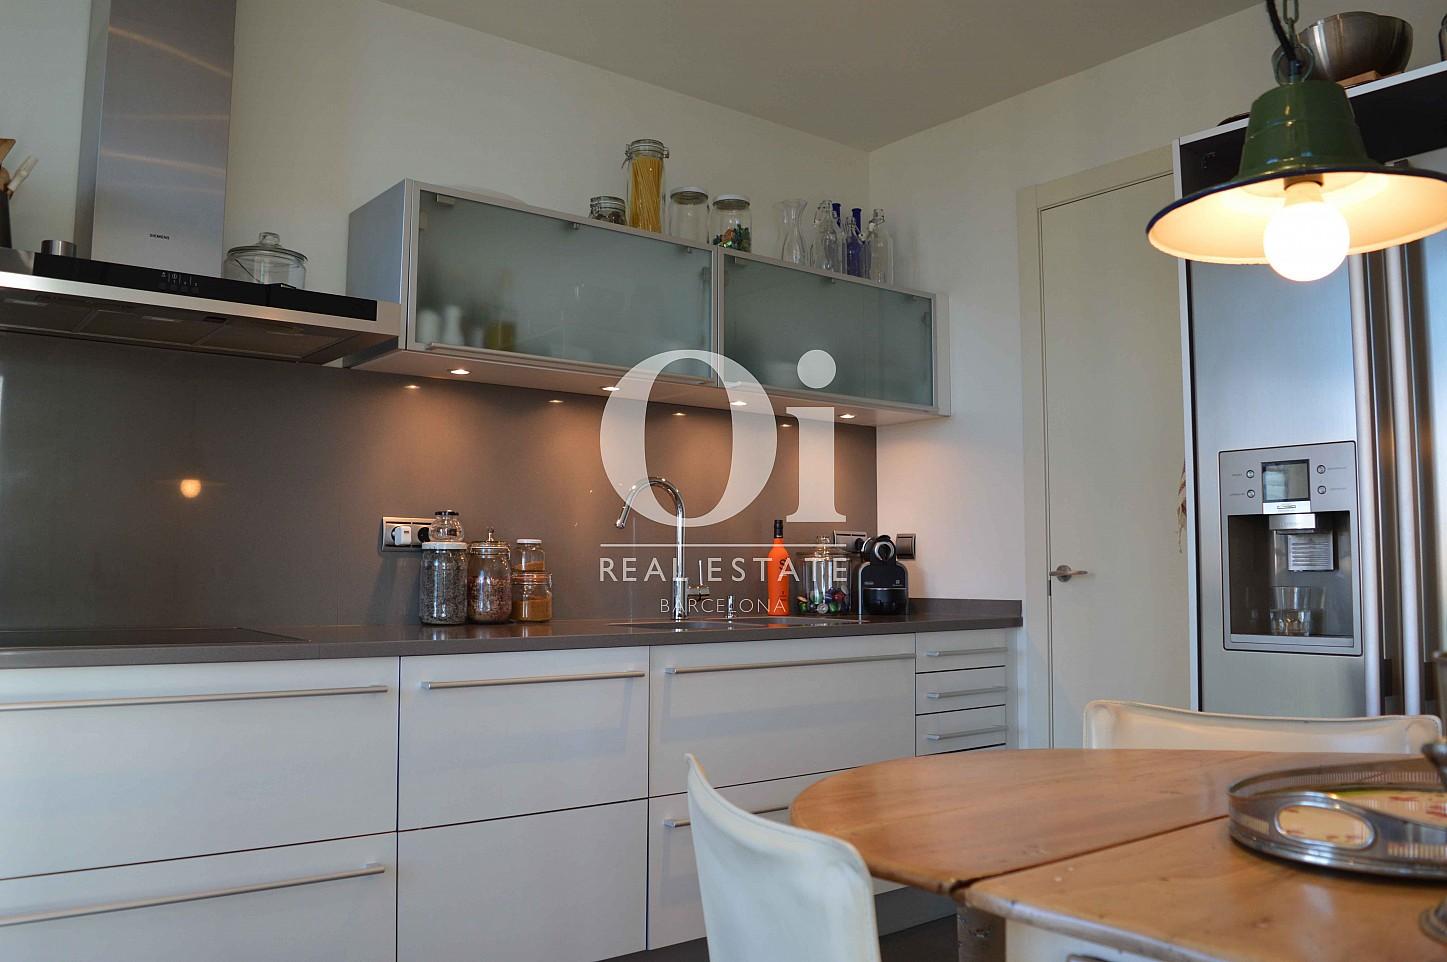 Blick in die Küche vom Apartment zum Verkauf, dirket am Meer